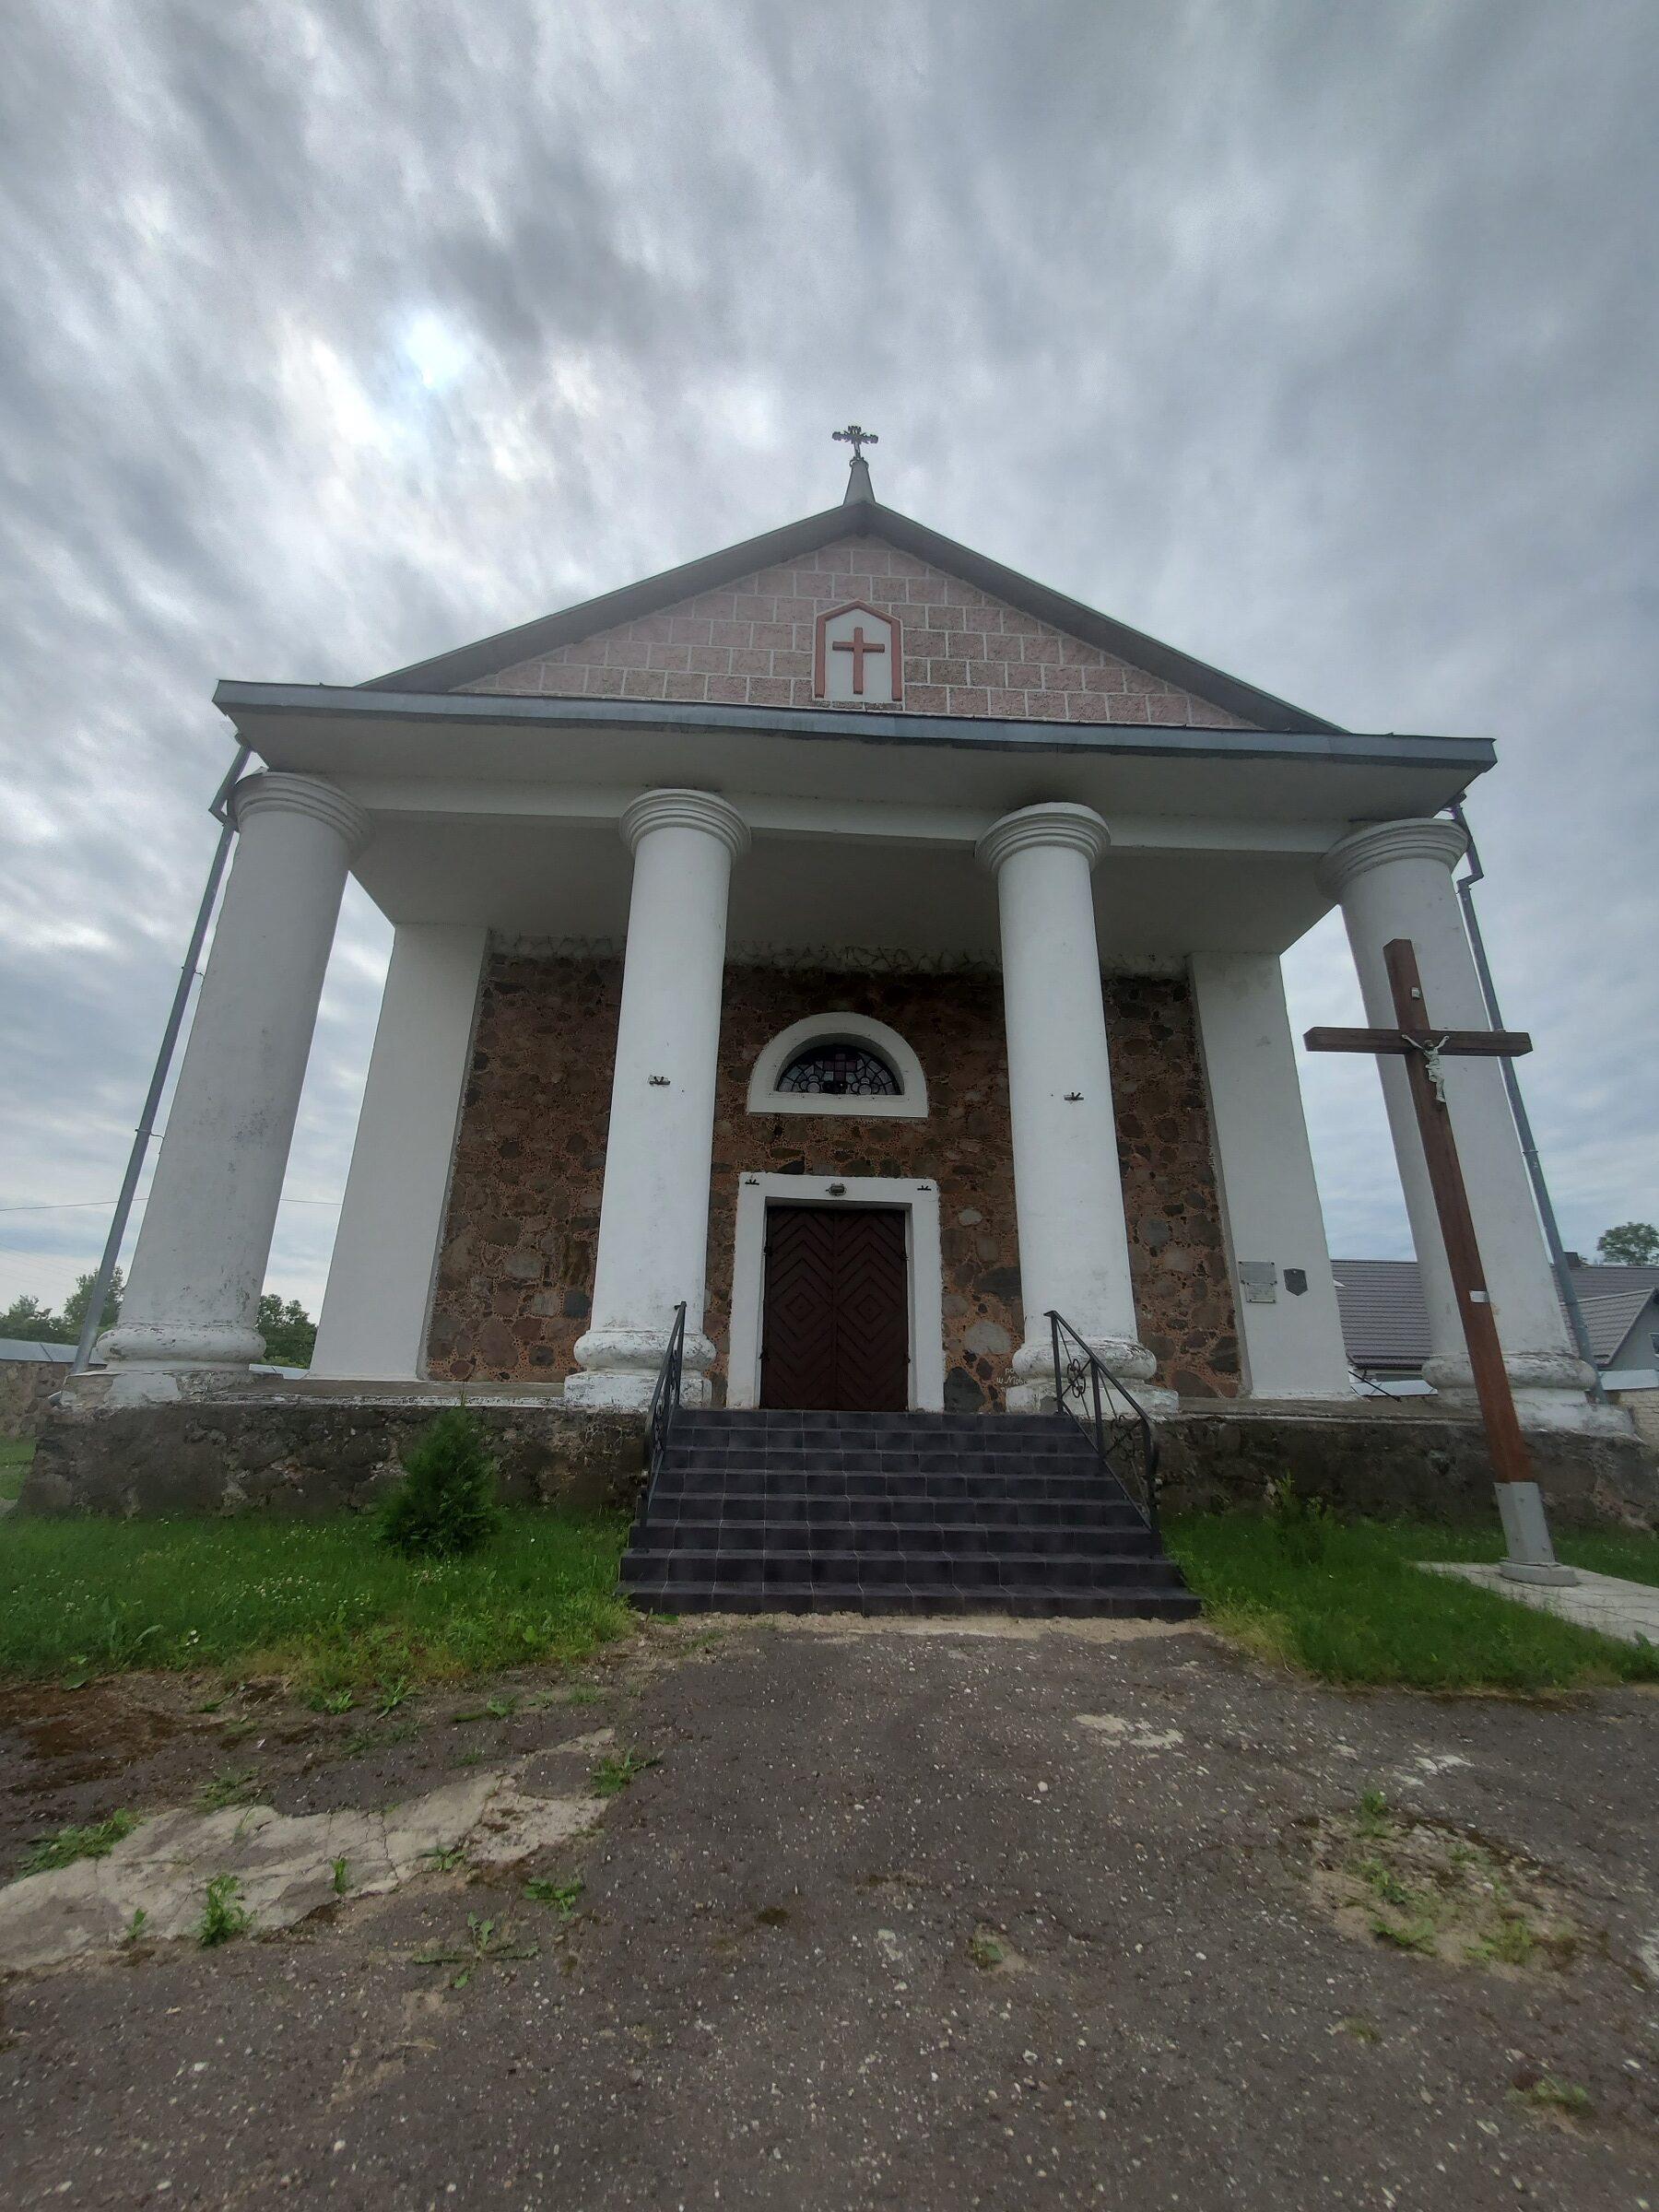 20200703 113844 1 rotated - Костел Вознесения Девы Марии в Дерковщине